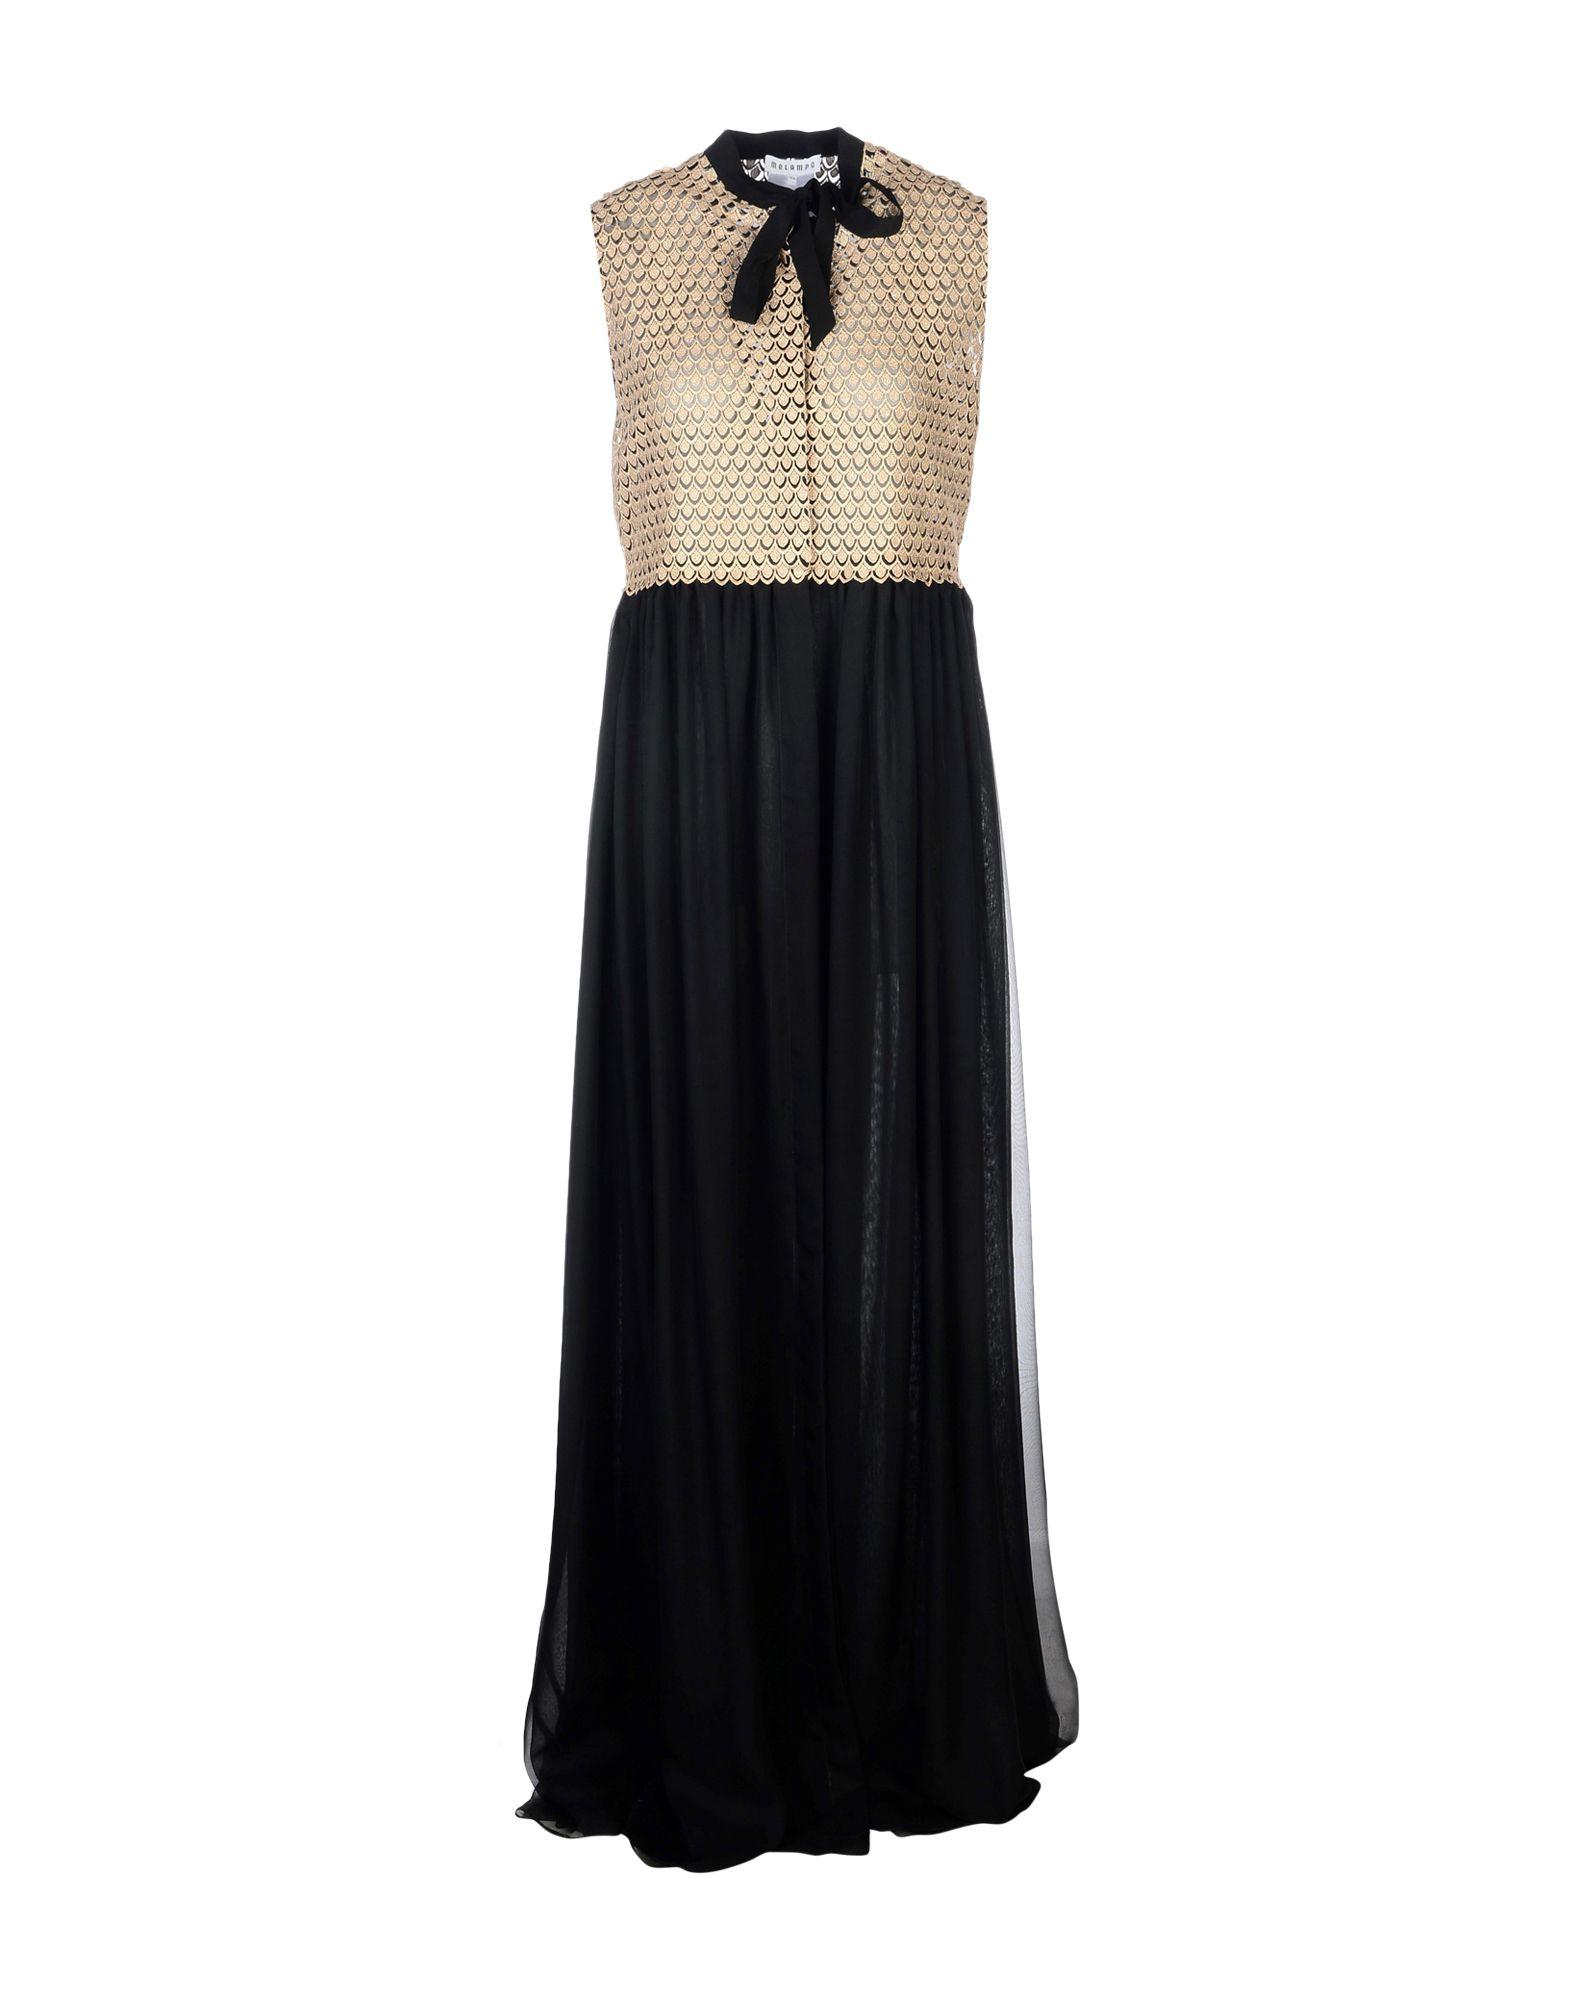 MELAMPO Long Dress in Black